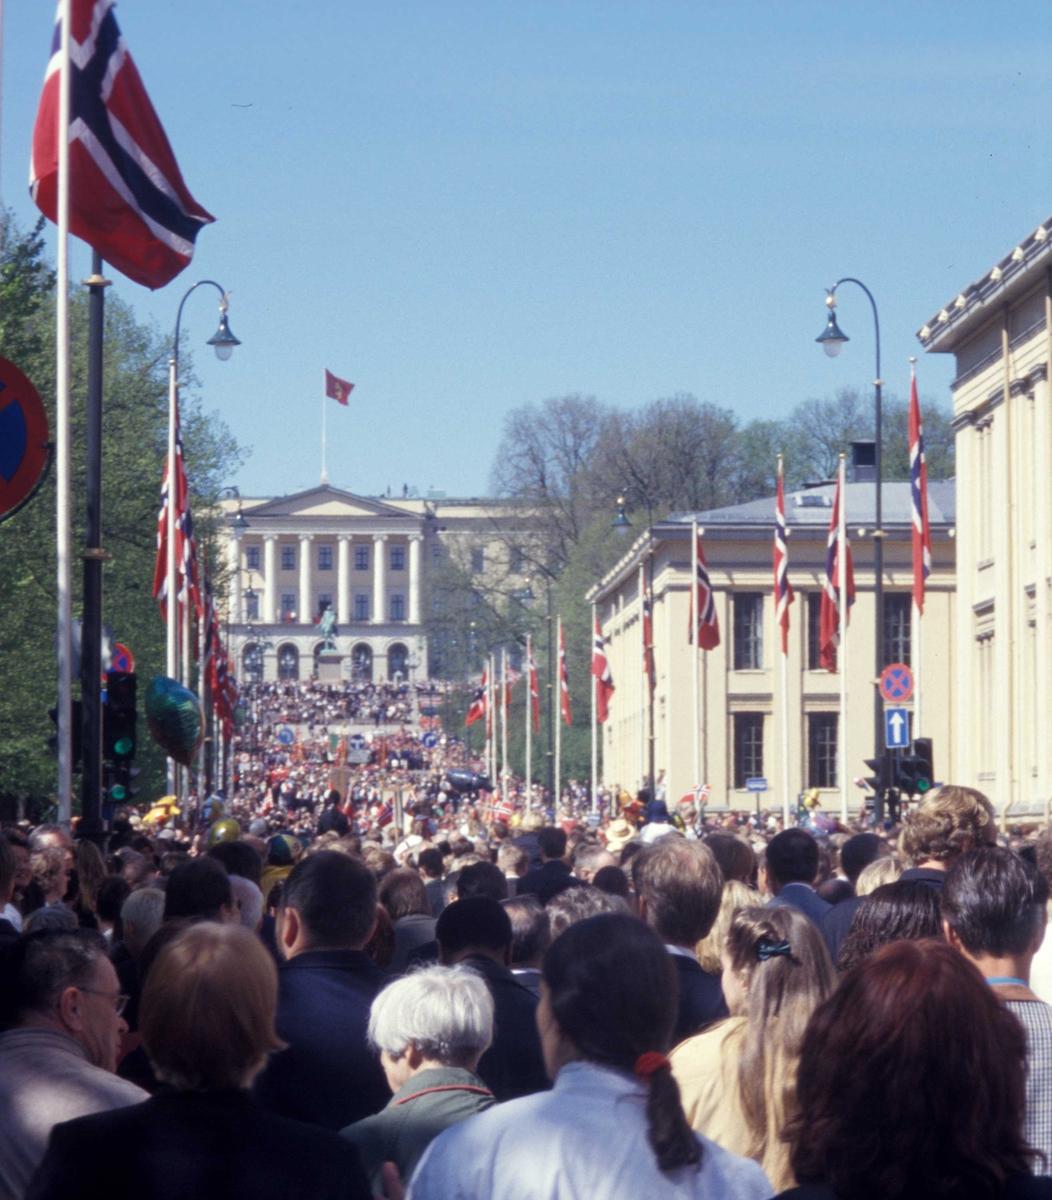 17.mai 1999, Karl Johansgate med Slottet i bakgrunnen.